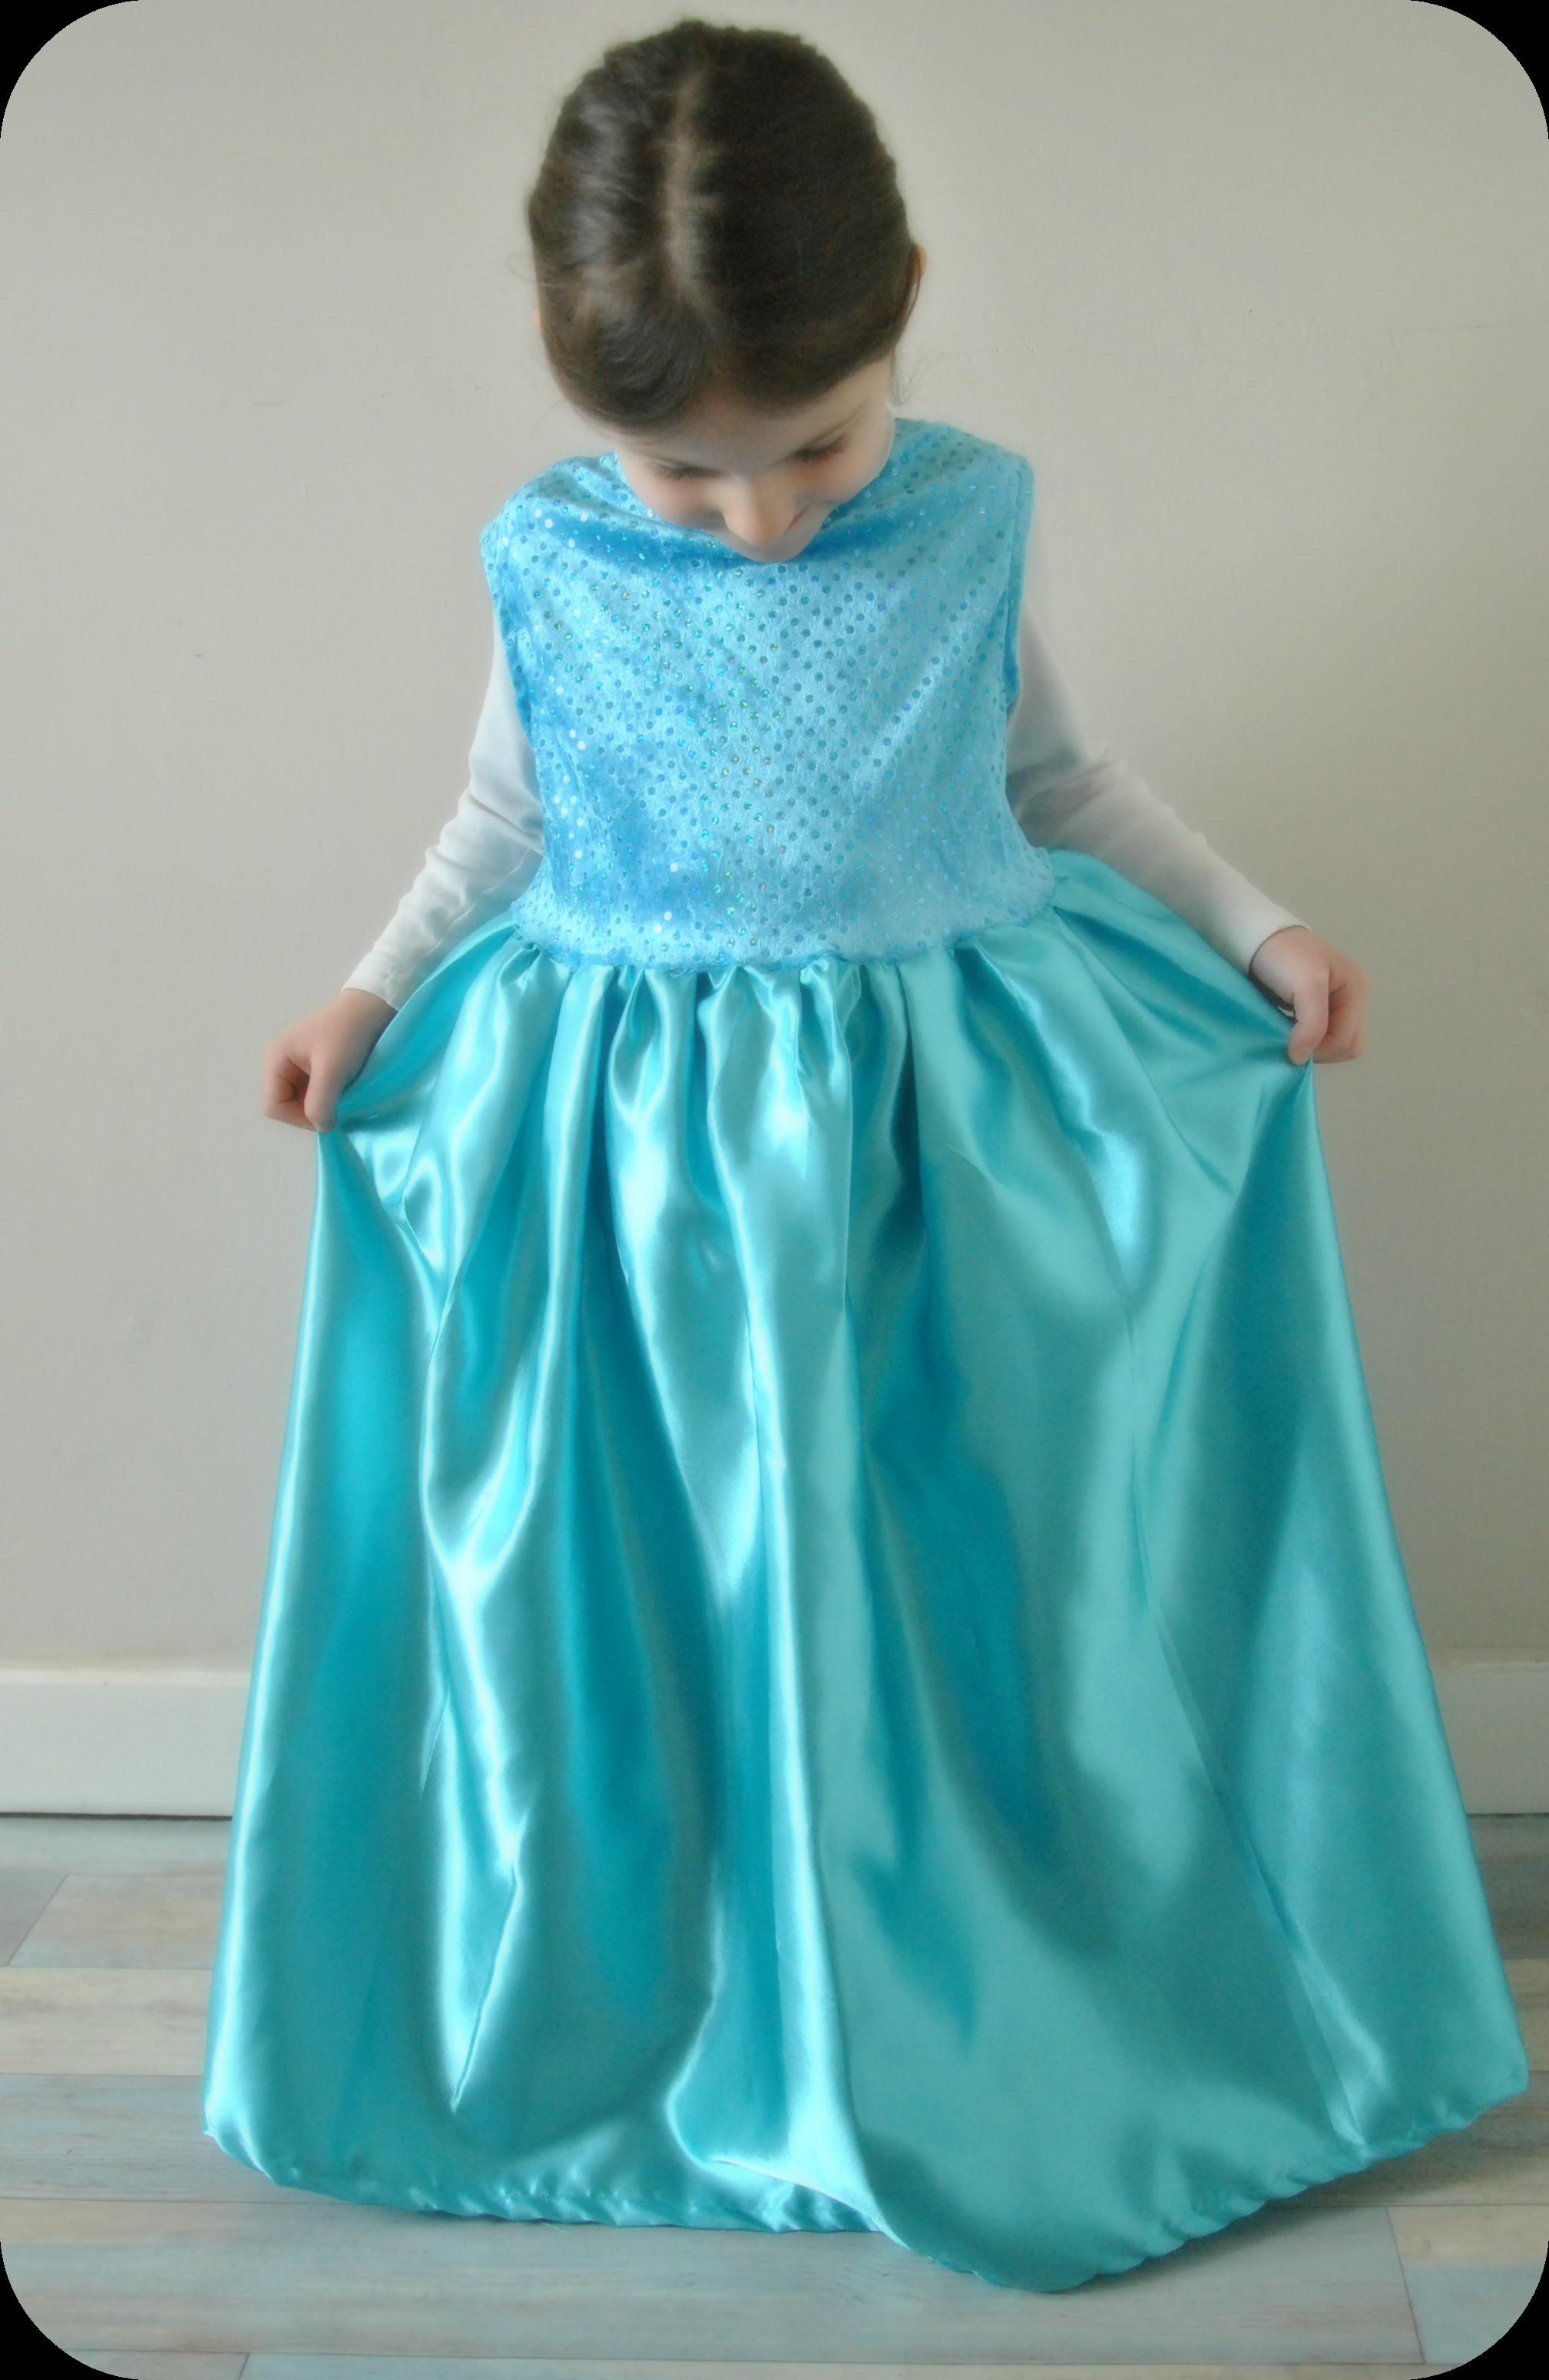 pour la ralisation jai utilis le patron de la robe reine des neiges des contes de fes intemporels en taille 6 ans cest tout de mme un peu grand